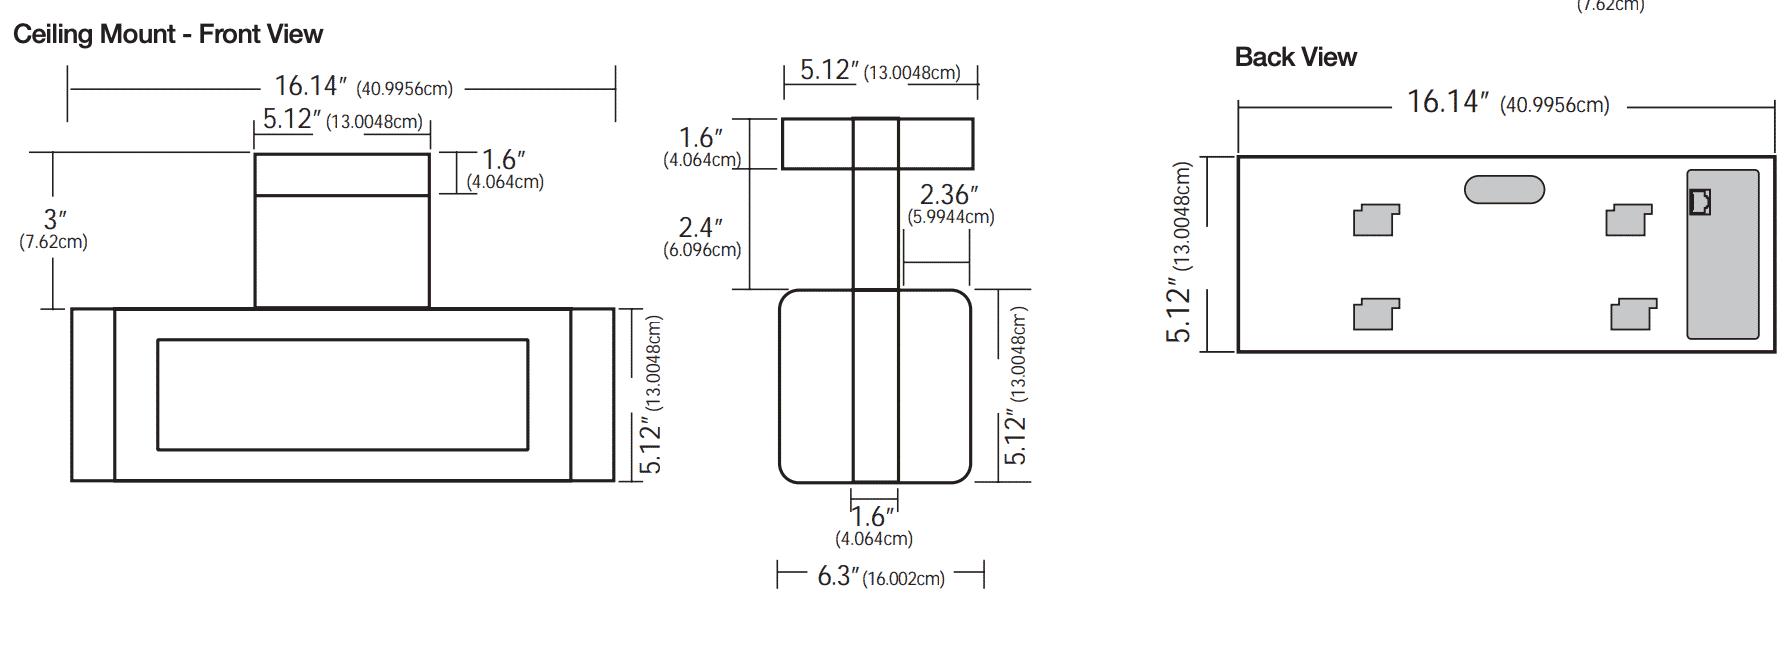 Digital Dimensions 2